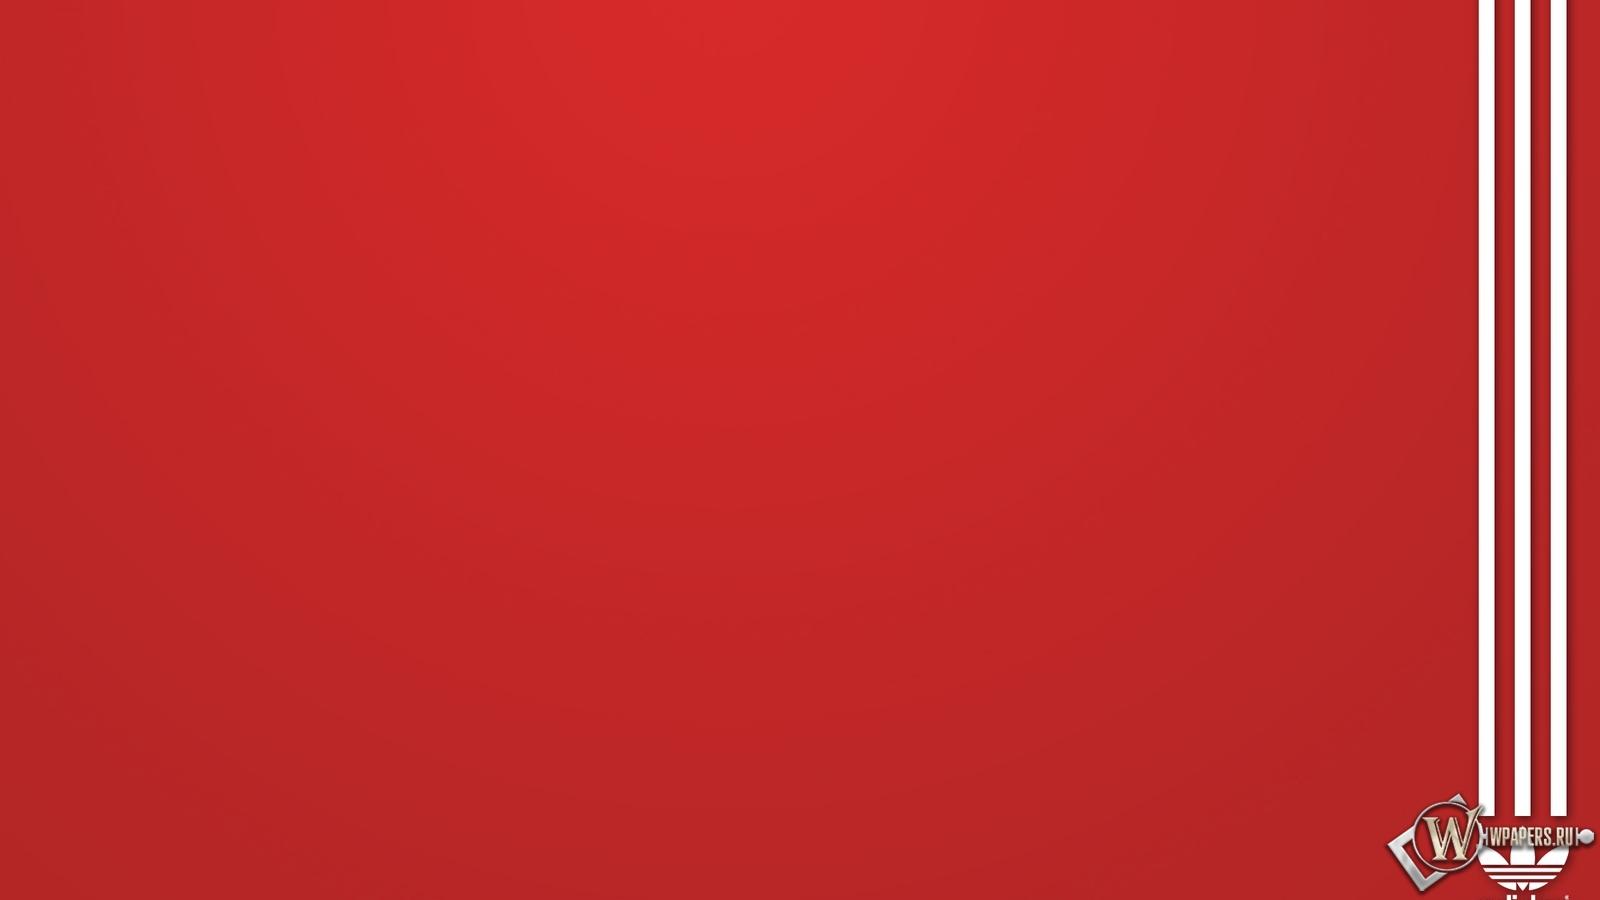 Aдидас 1600x900